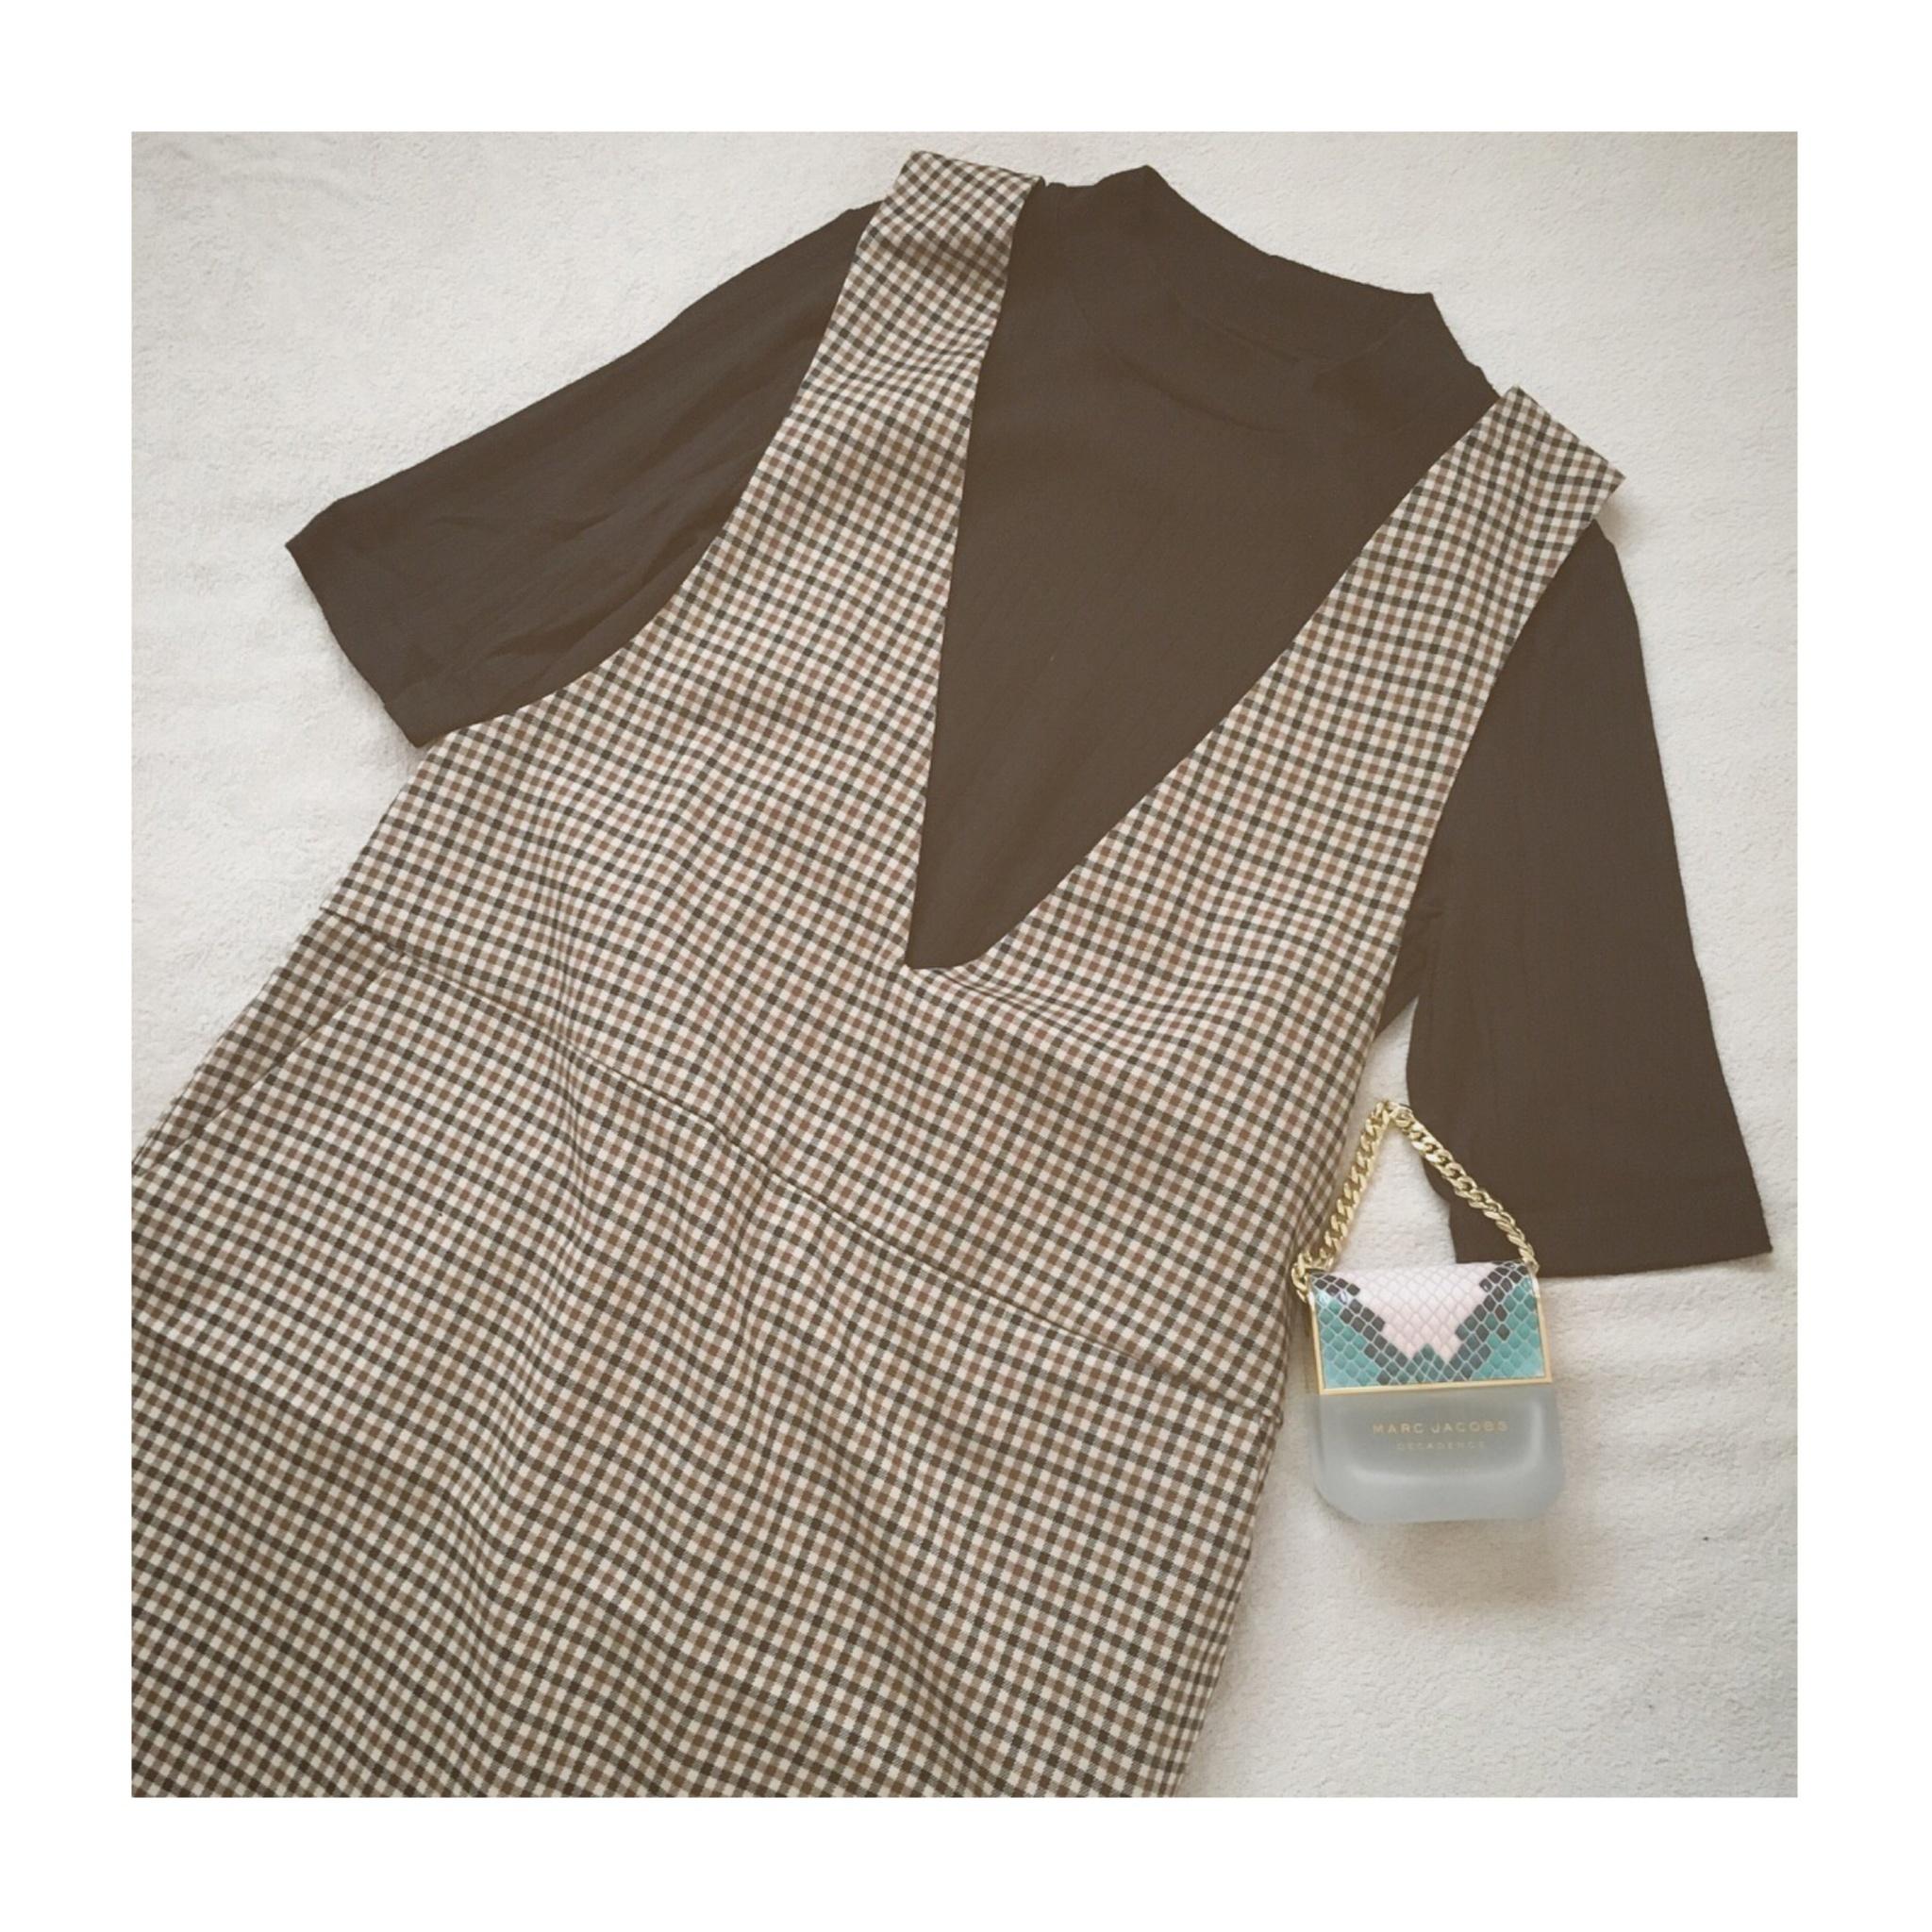 《いま買って秋まで使える!》【GU(ジーユー)】のガンクラブチェックジャンパードレス¥2,490で着まわしコーデ3選❤️_2